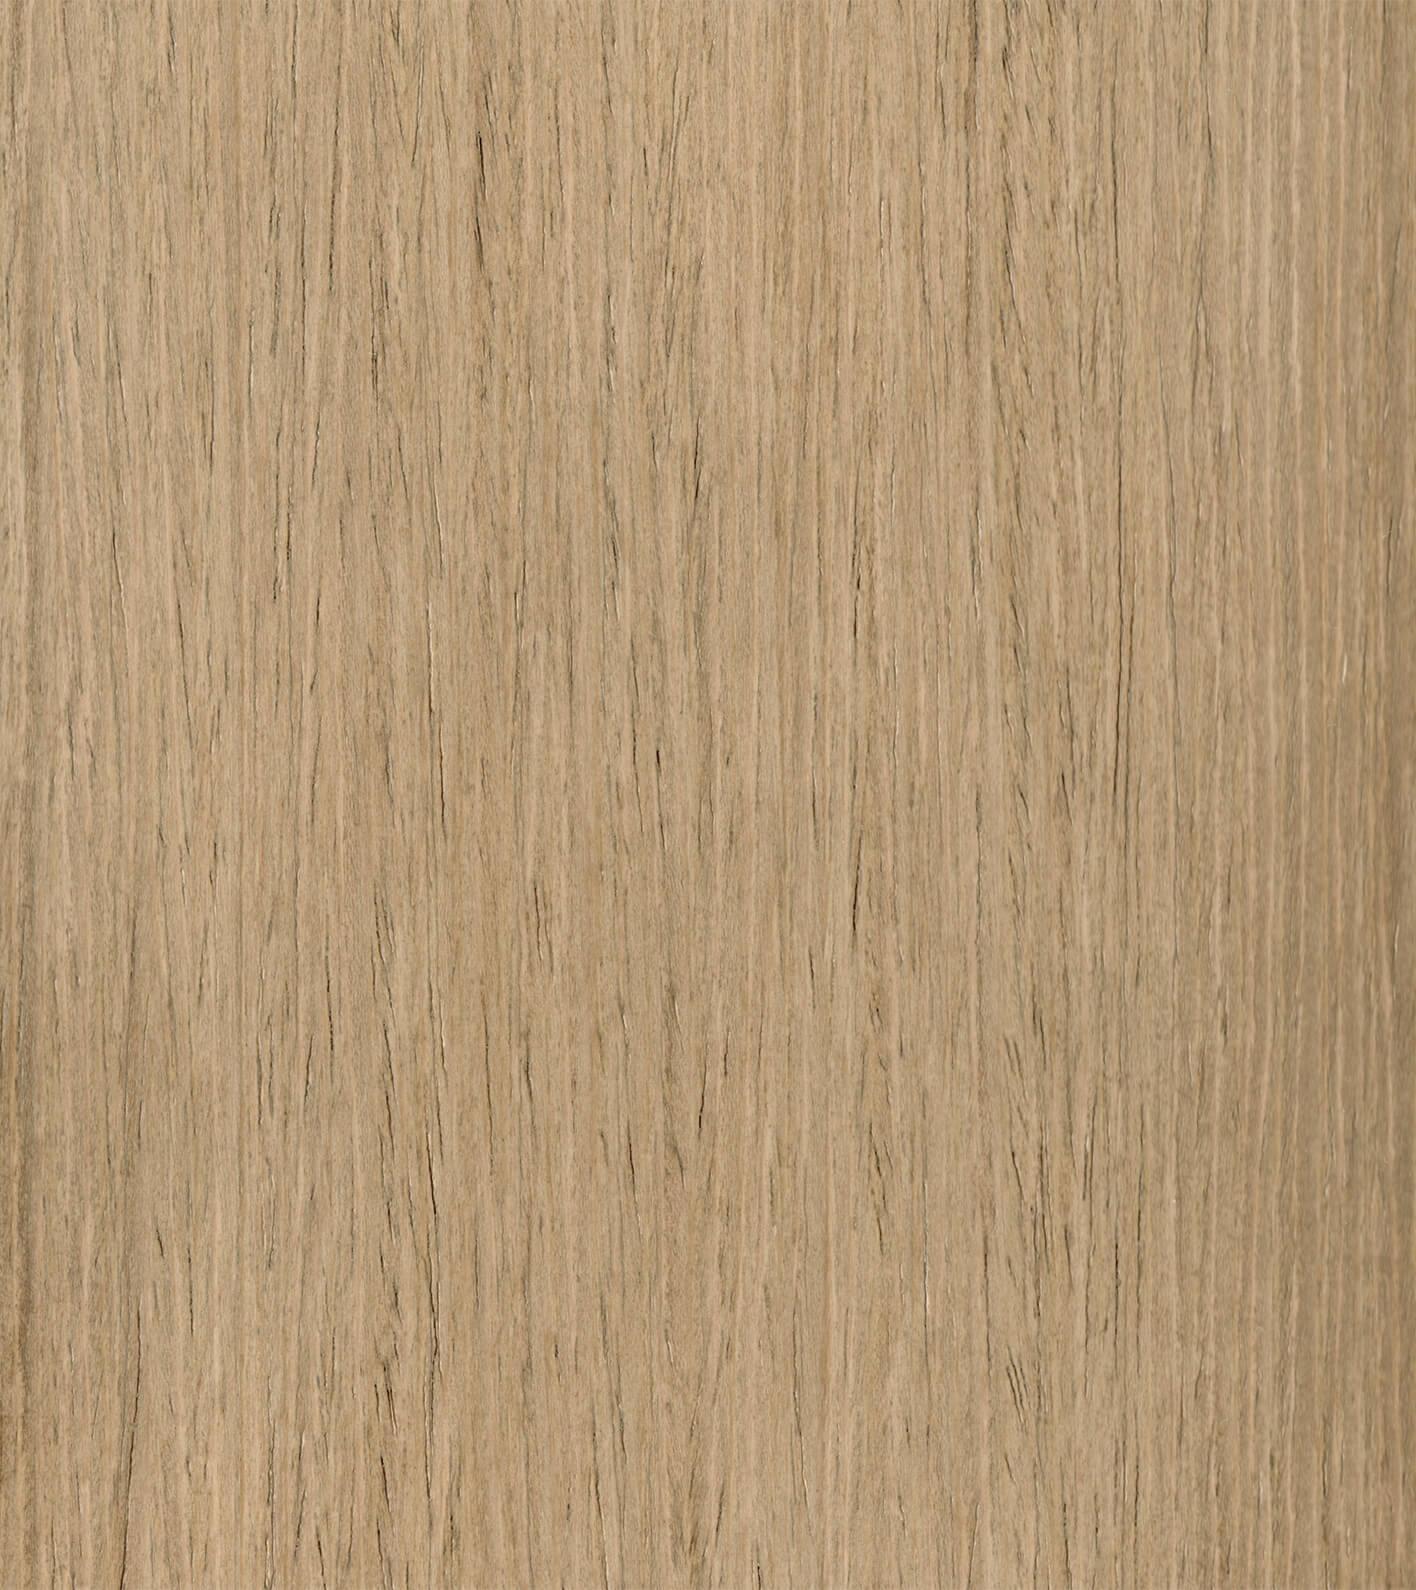 Sesame Stain on Straight Grain Oak Exotic Veneer